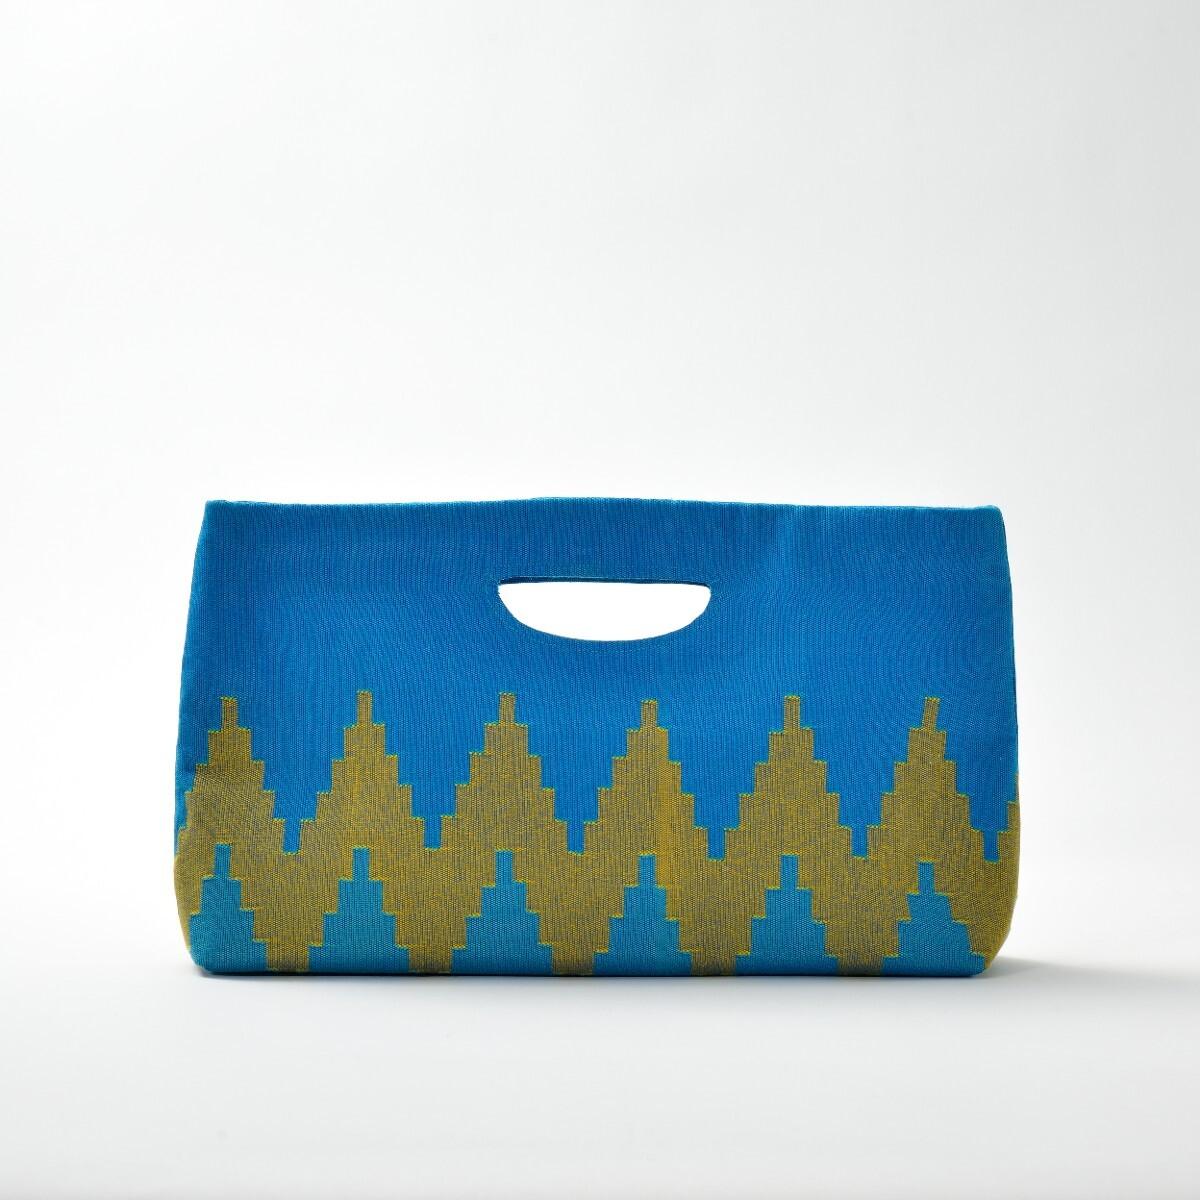 手織りペンシルバッグ ライトブルー×イエロー(再入荷)